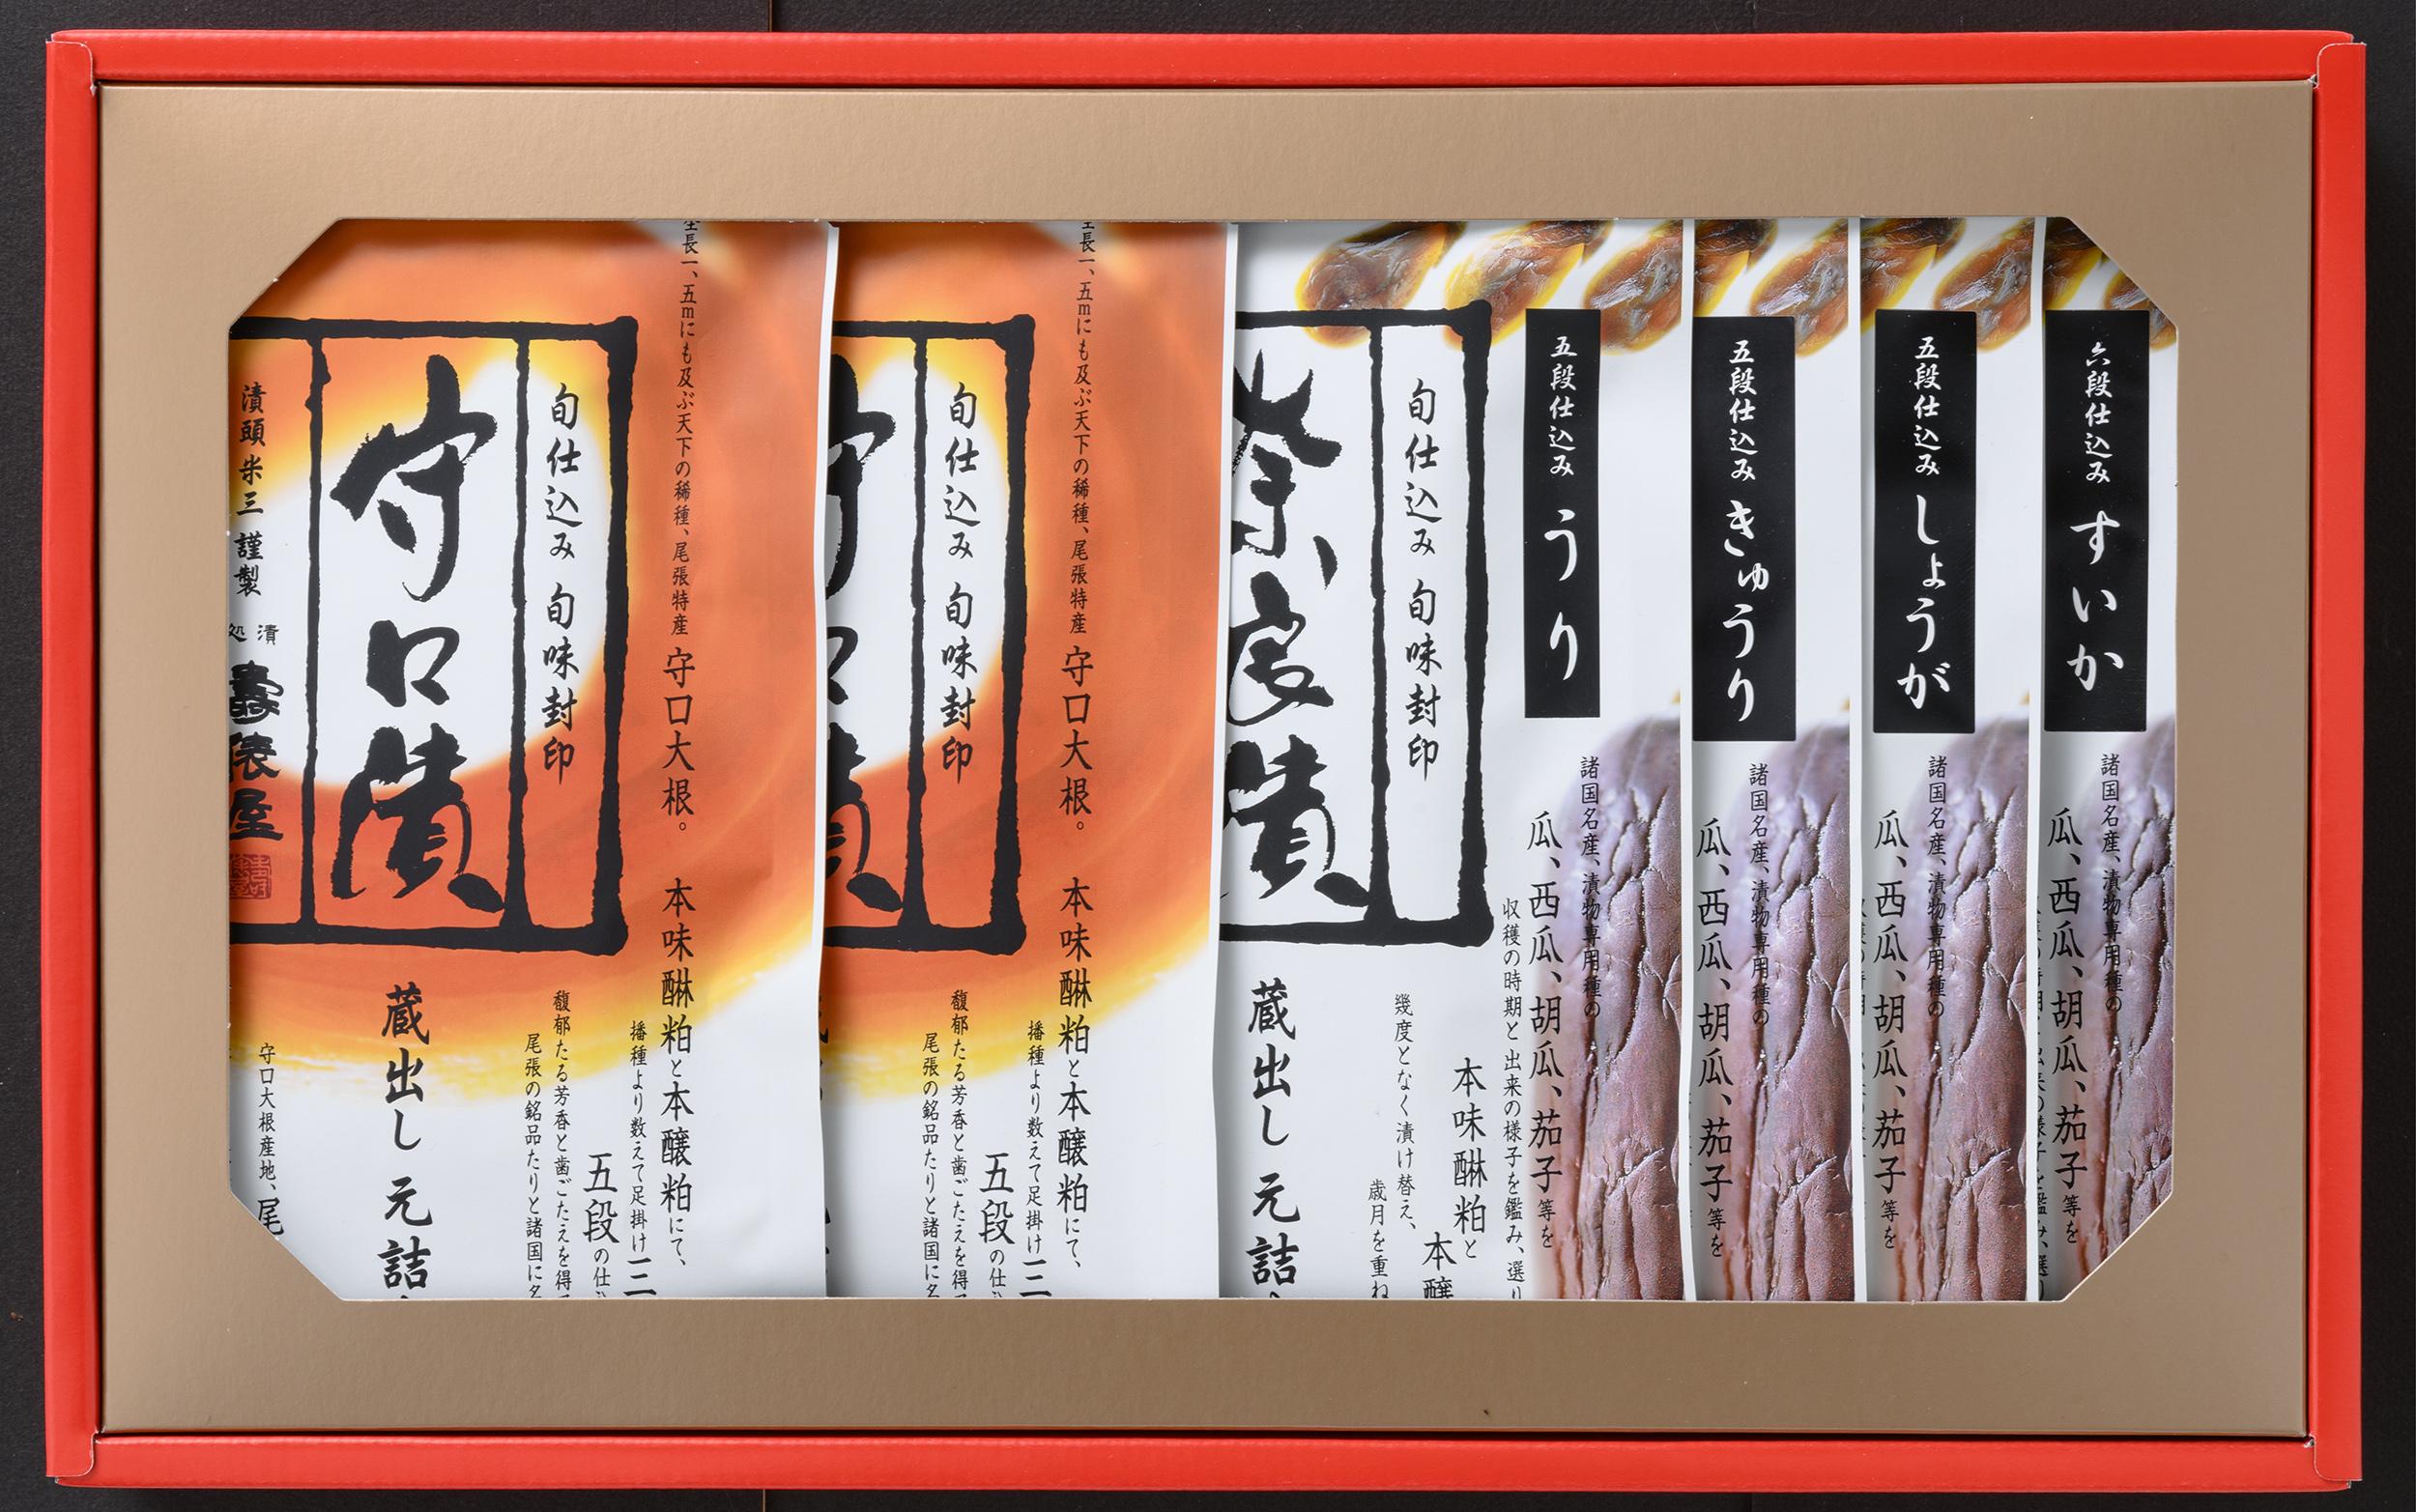 四季の彩・6袋入り 5,303円